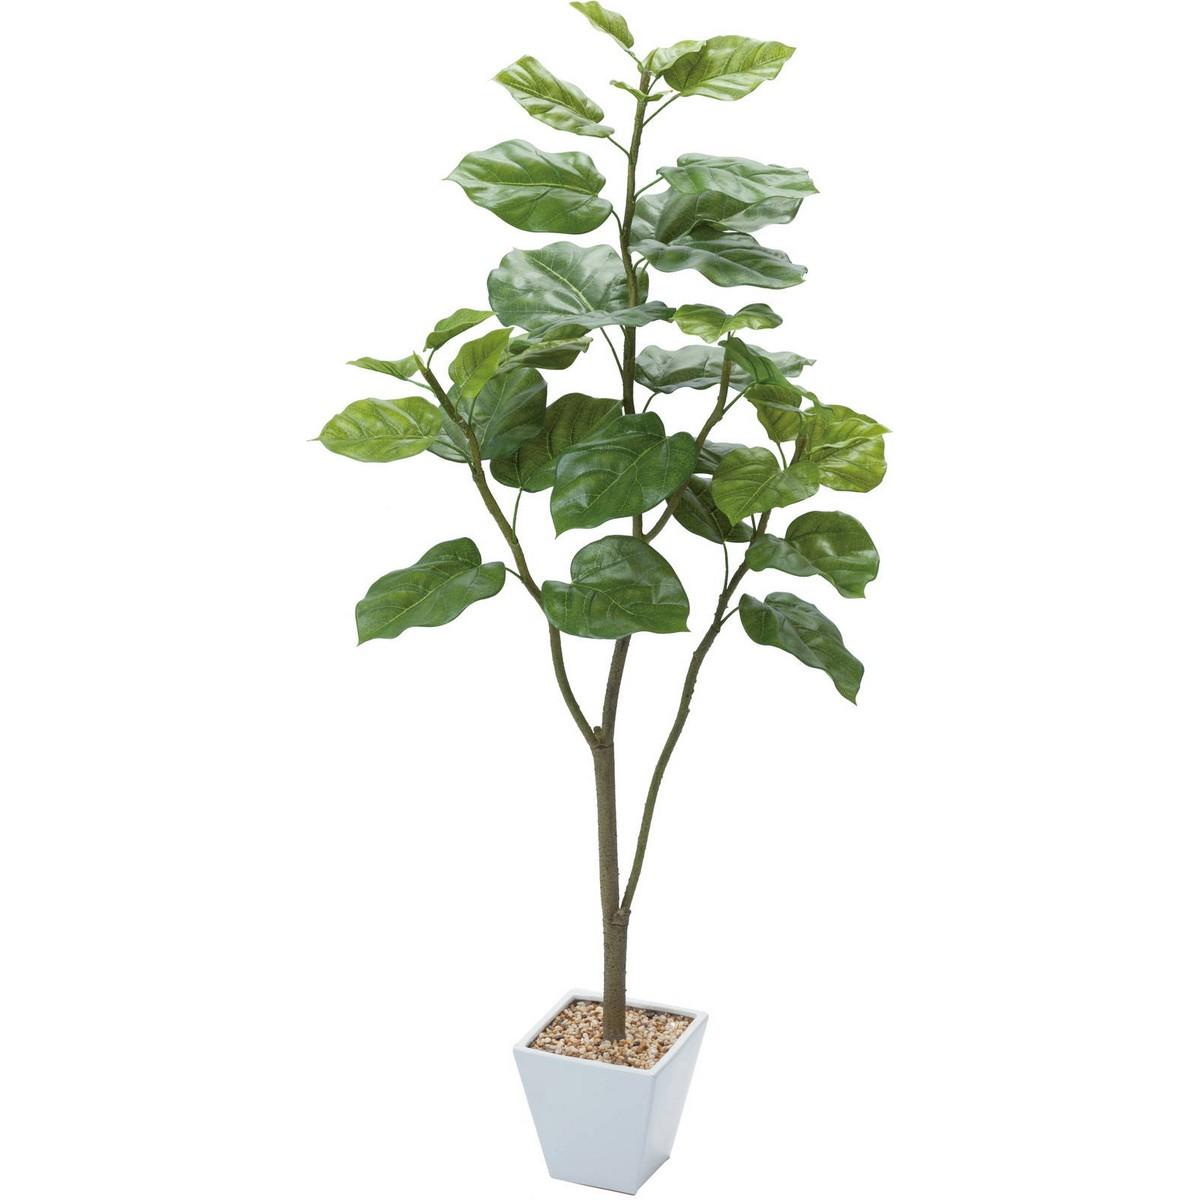 【直送】【人工観葉植物】YDM/ウンベラータ グリーン/GLA-1437-GR※返品・キャンセル不可【01】